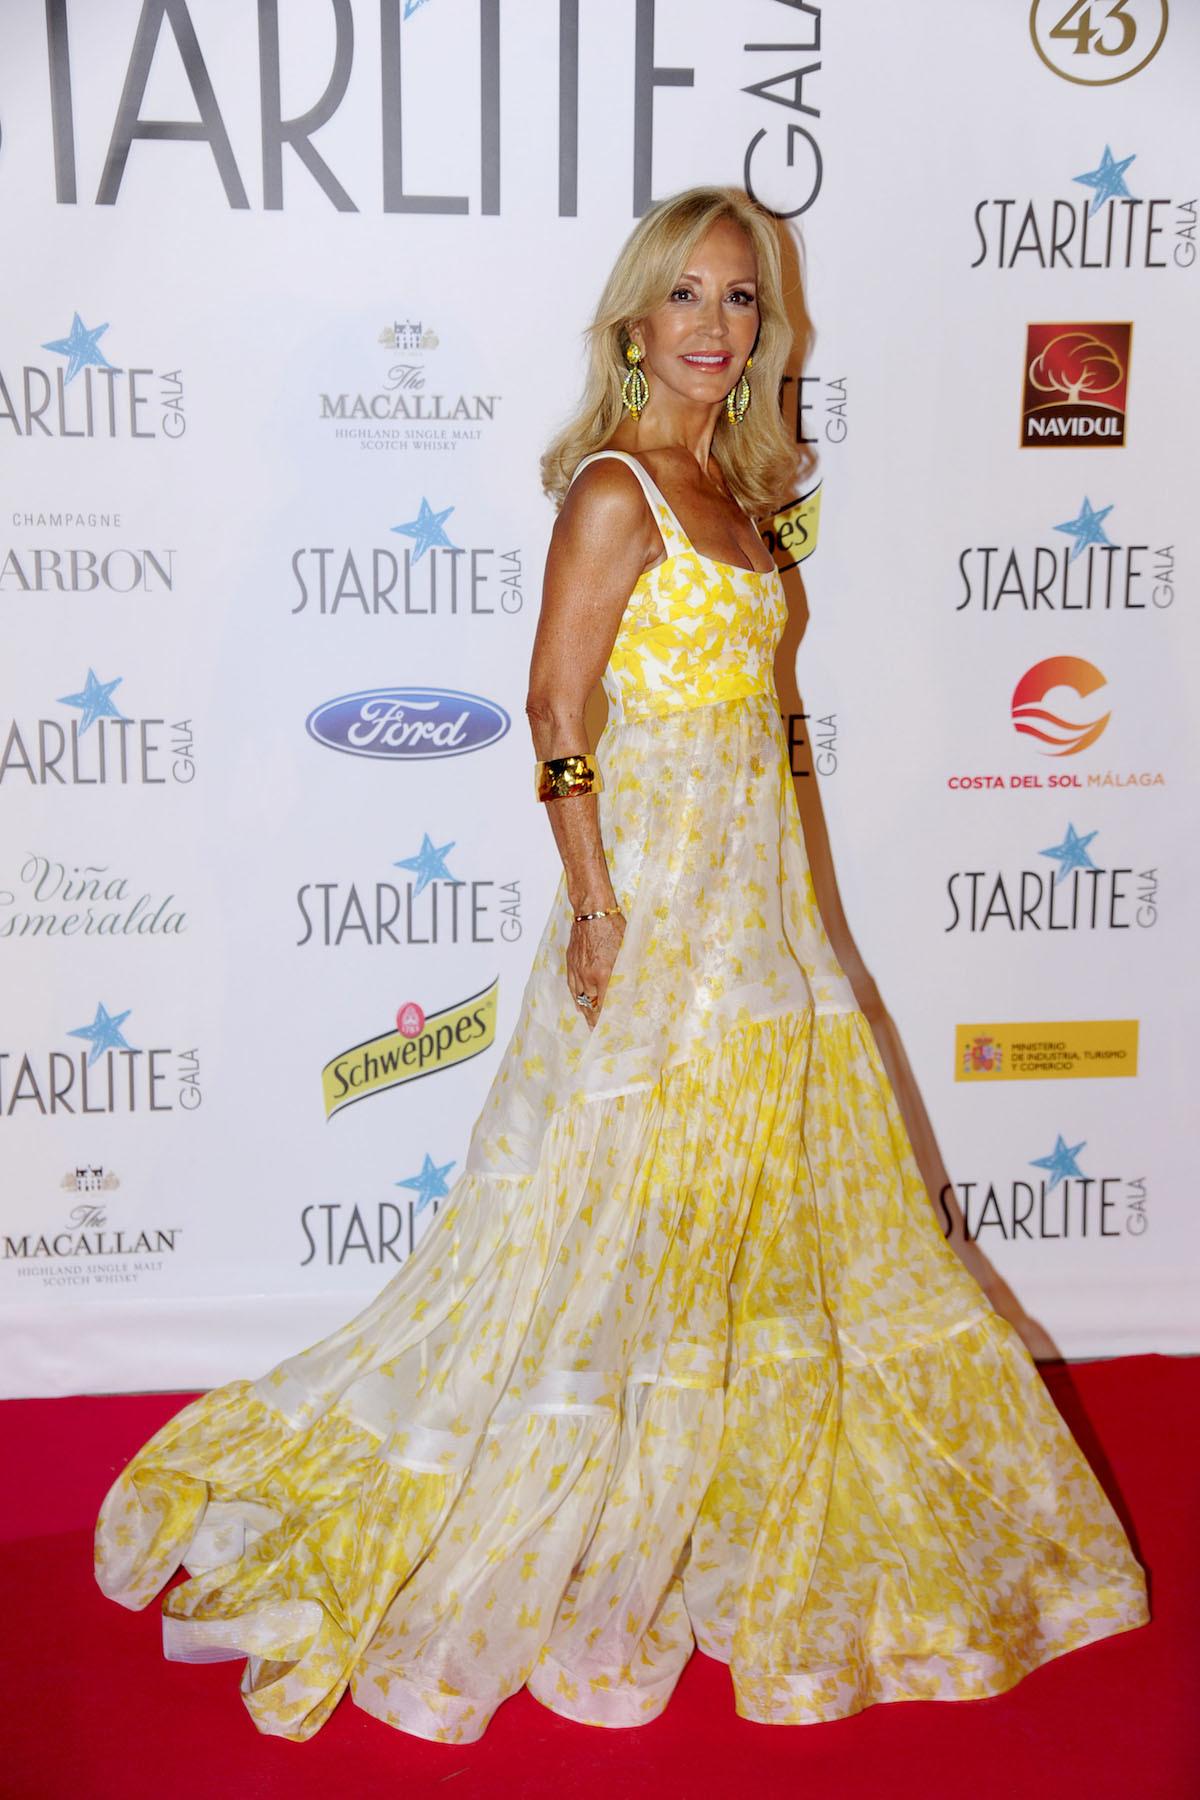 Descubre las 4 mejores vestidas de Starlite Marbella 2017 - Carmen Lomana